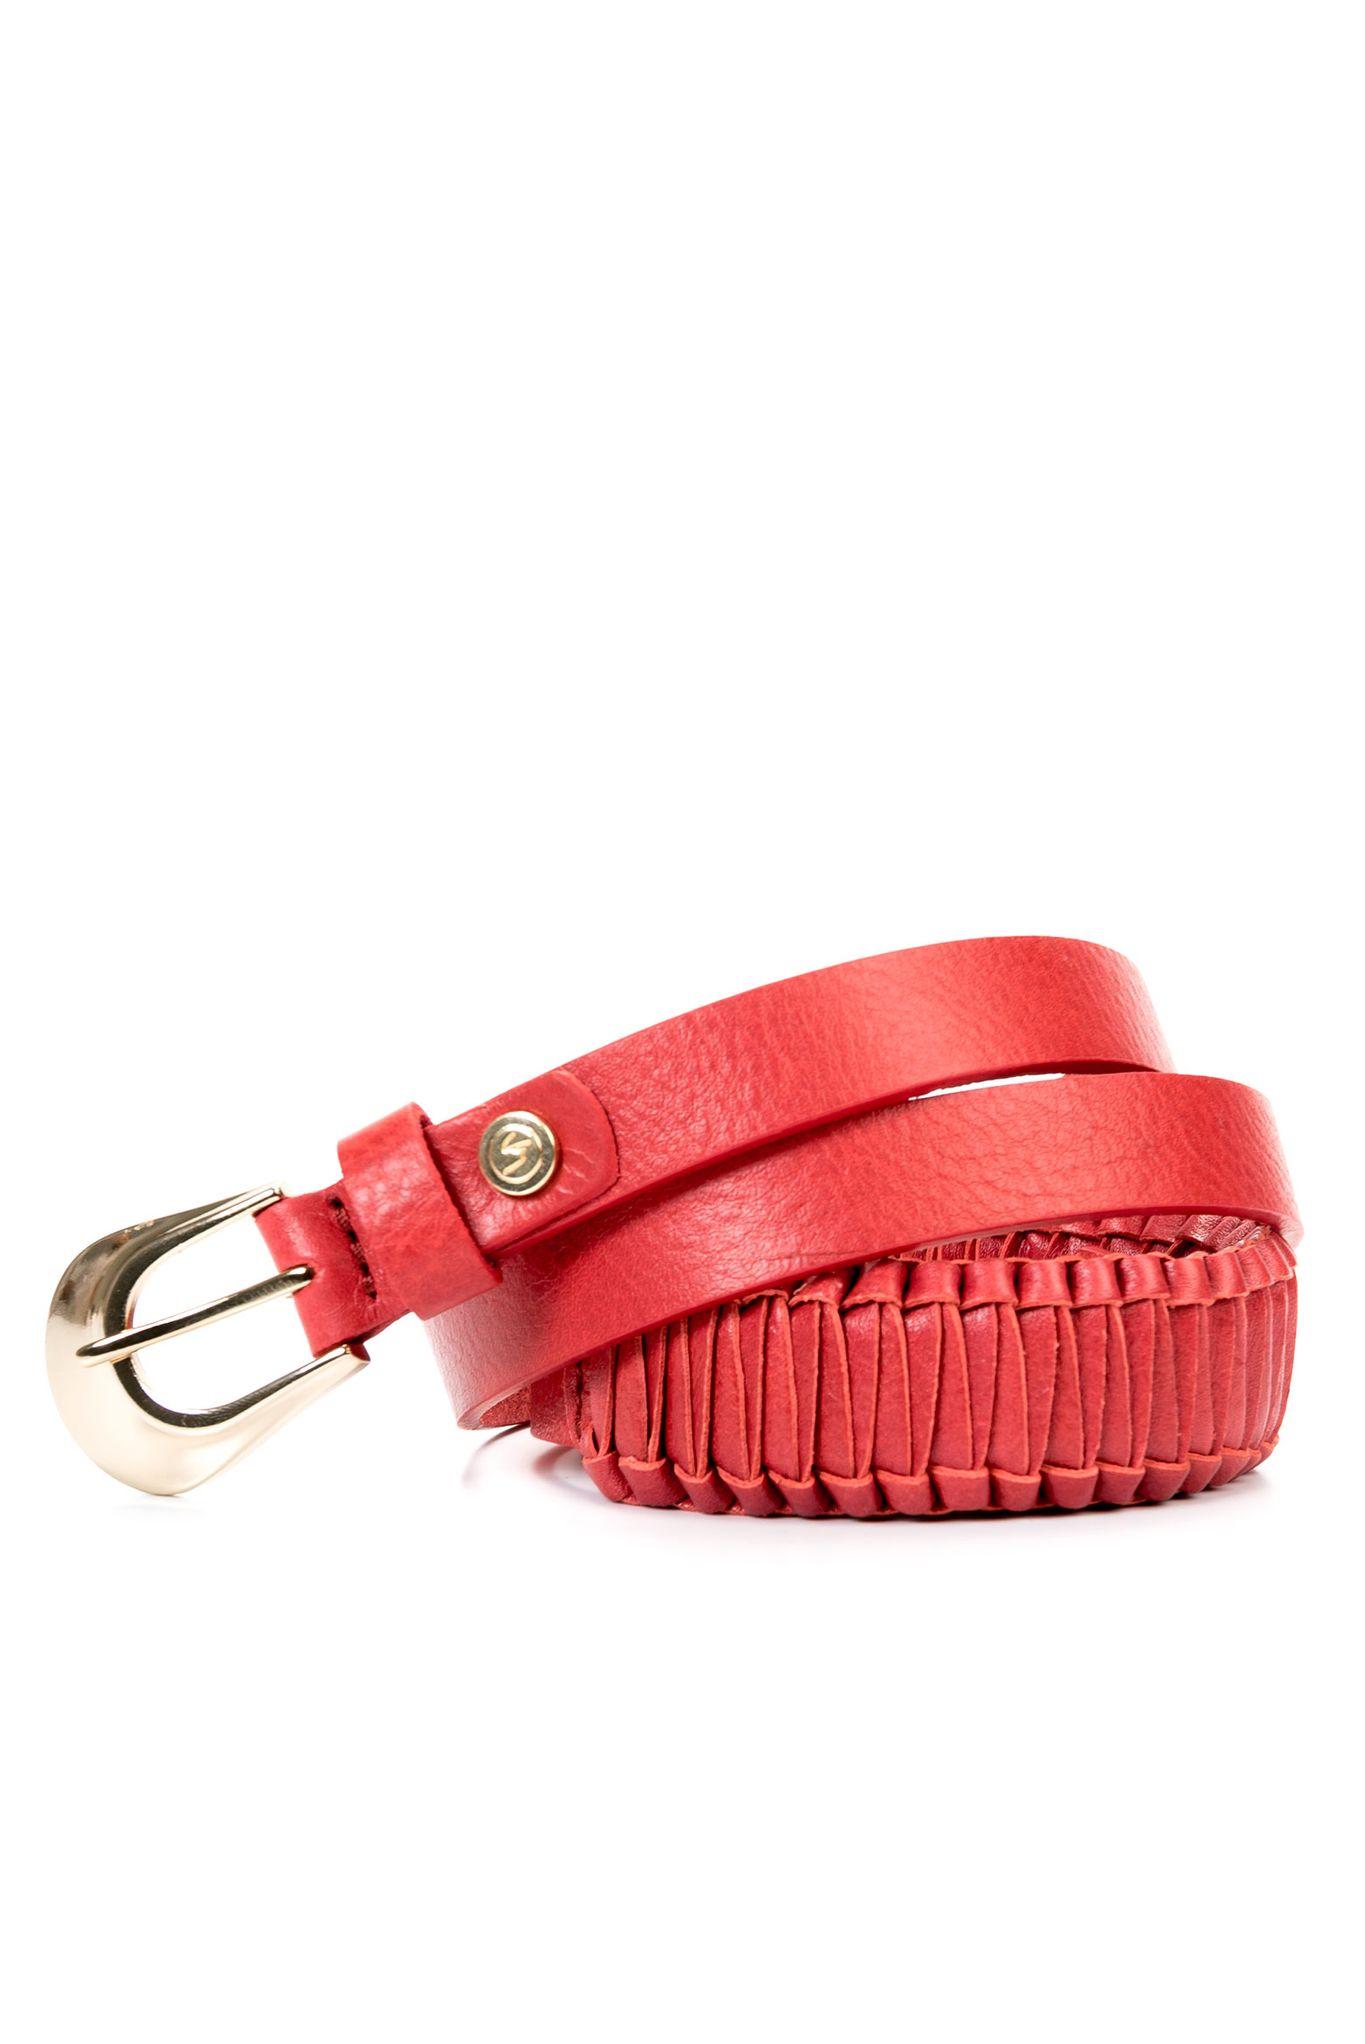 263b71fd4 Cinturón unifaz de cuero para mujer 23195 Unifaz - Velez-18